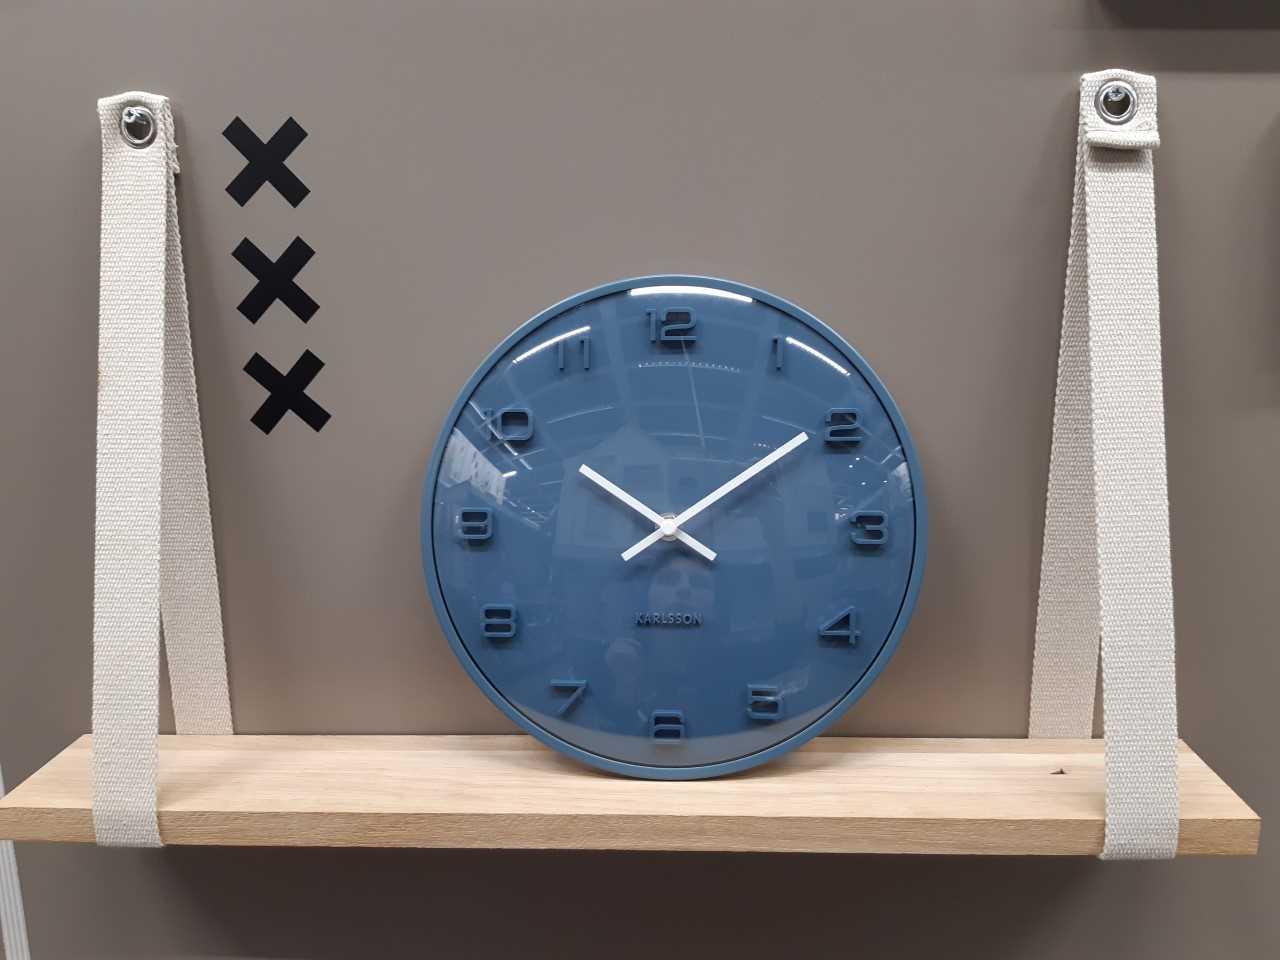 J'ai testé pour vous l'horloge dome bleu